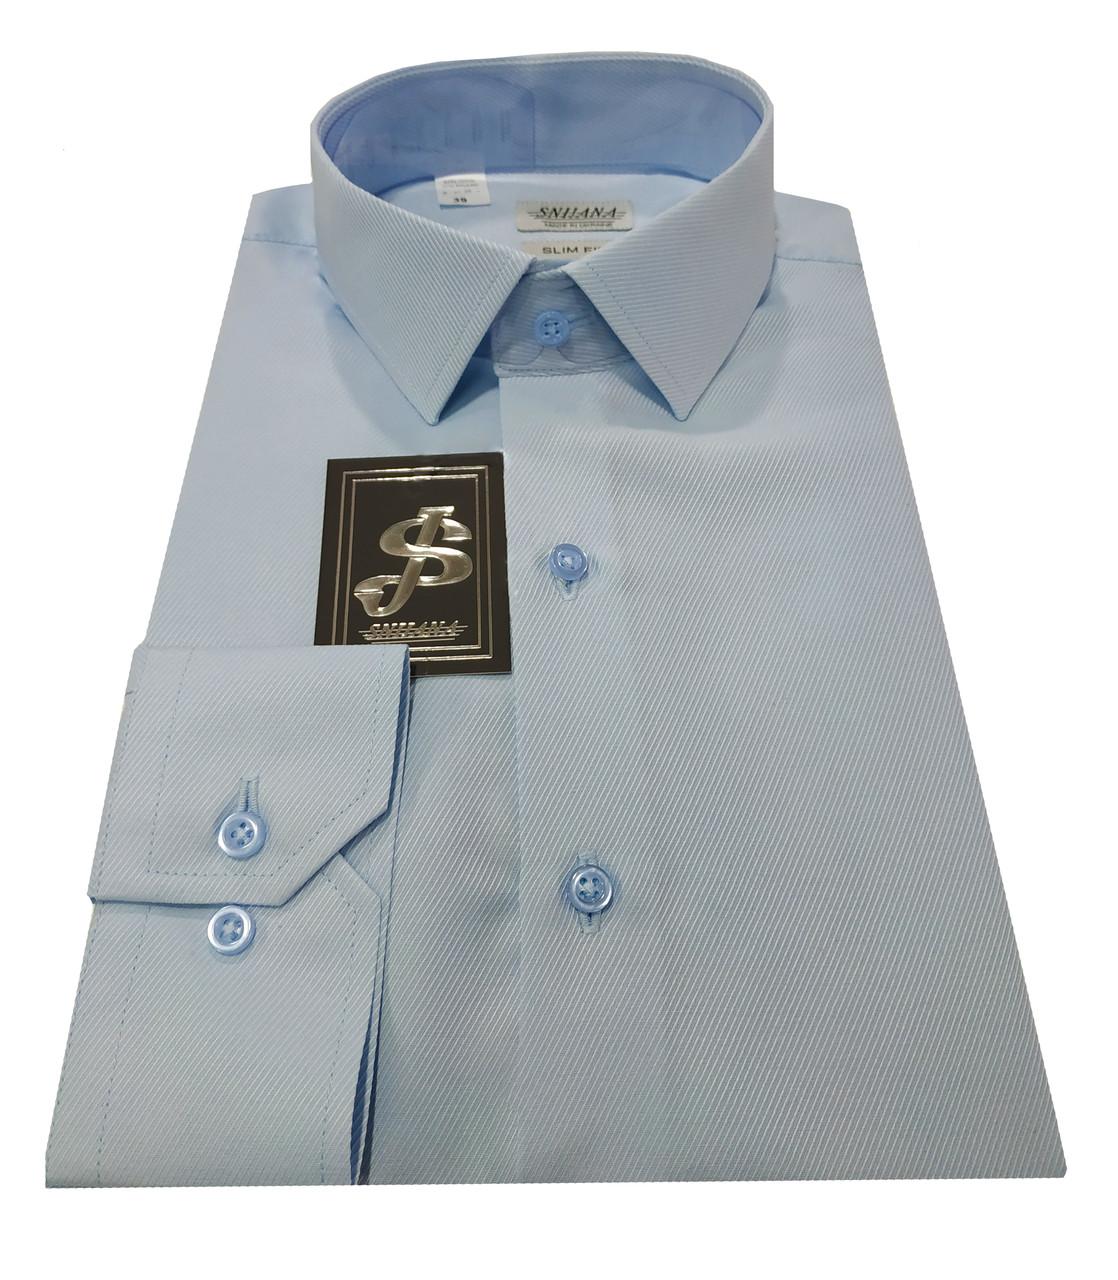 Рубашка мужская классическая диагональ голубая